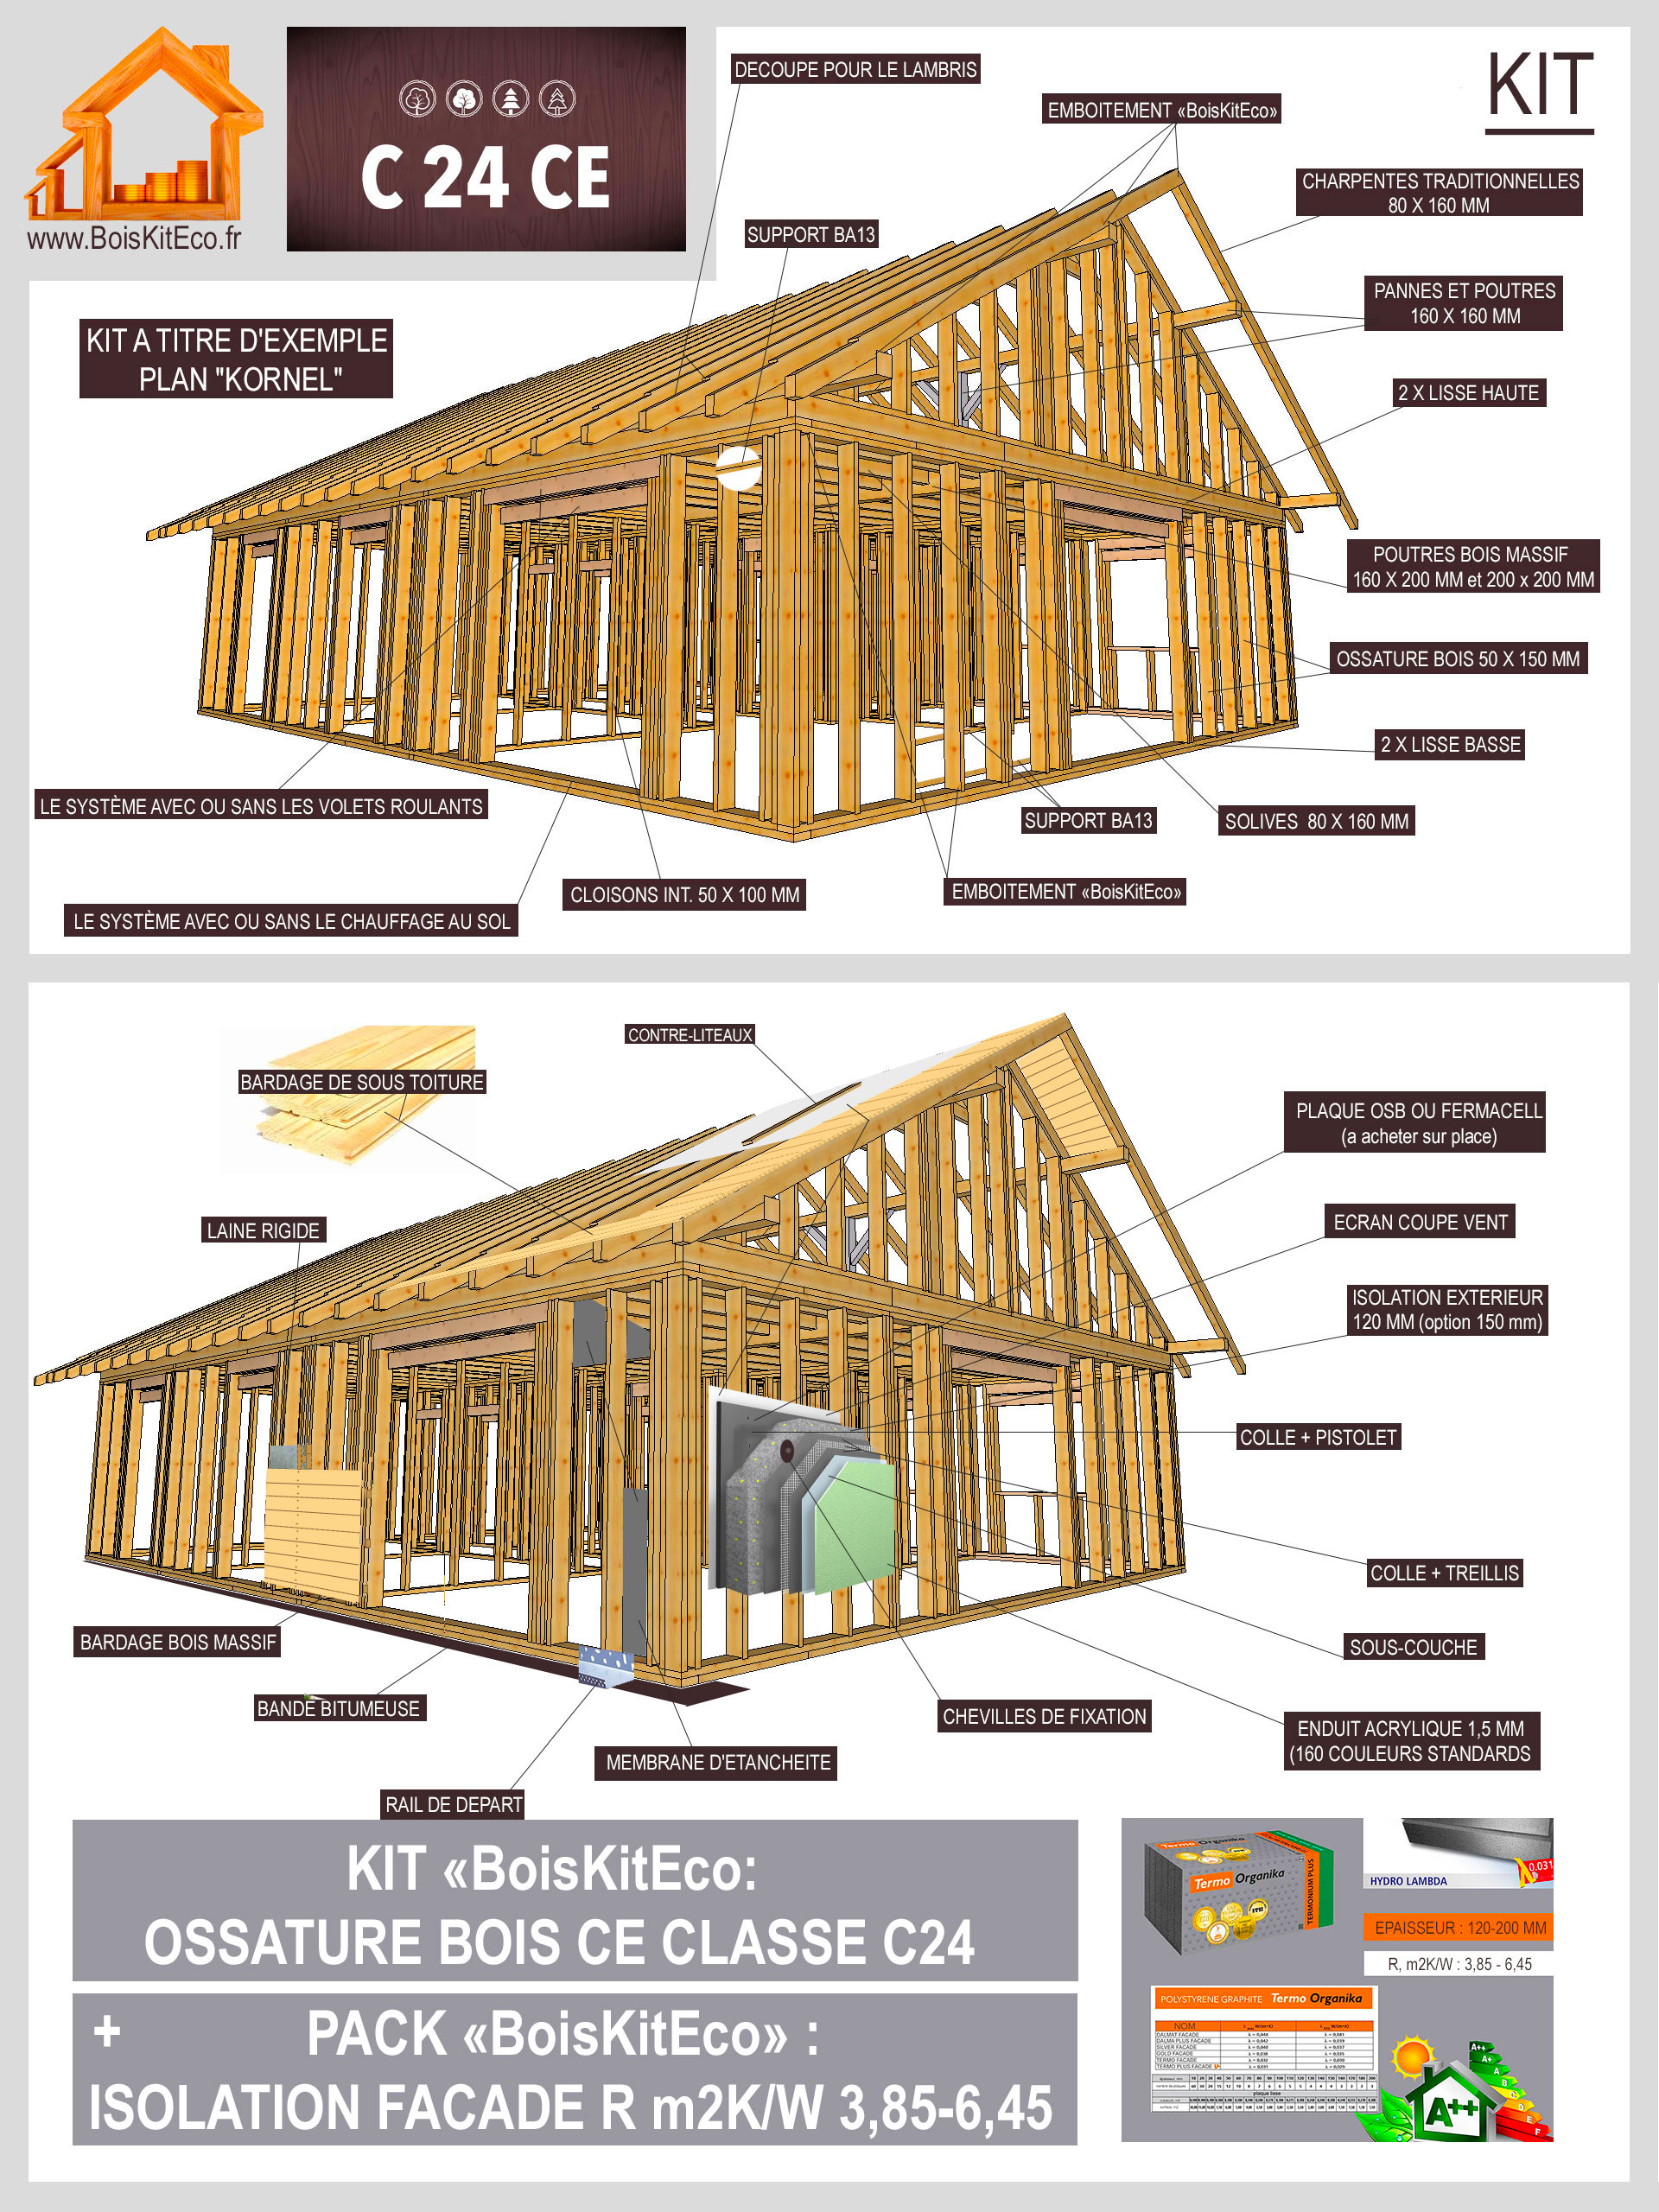 ossature bois en détails, réaliser la maison en bois